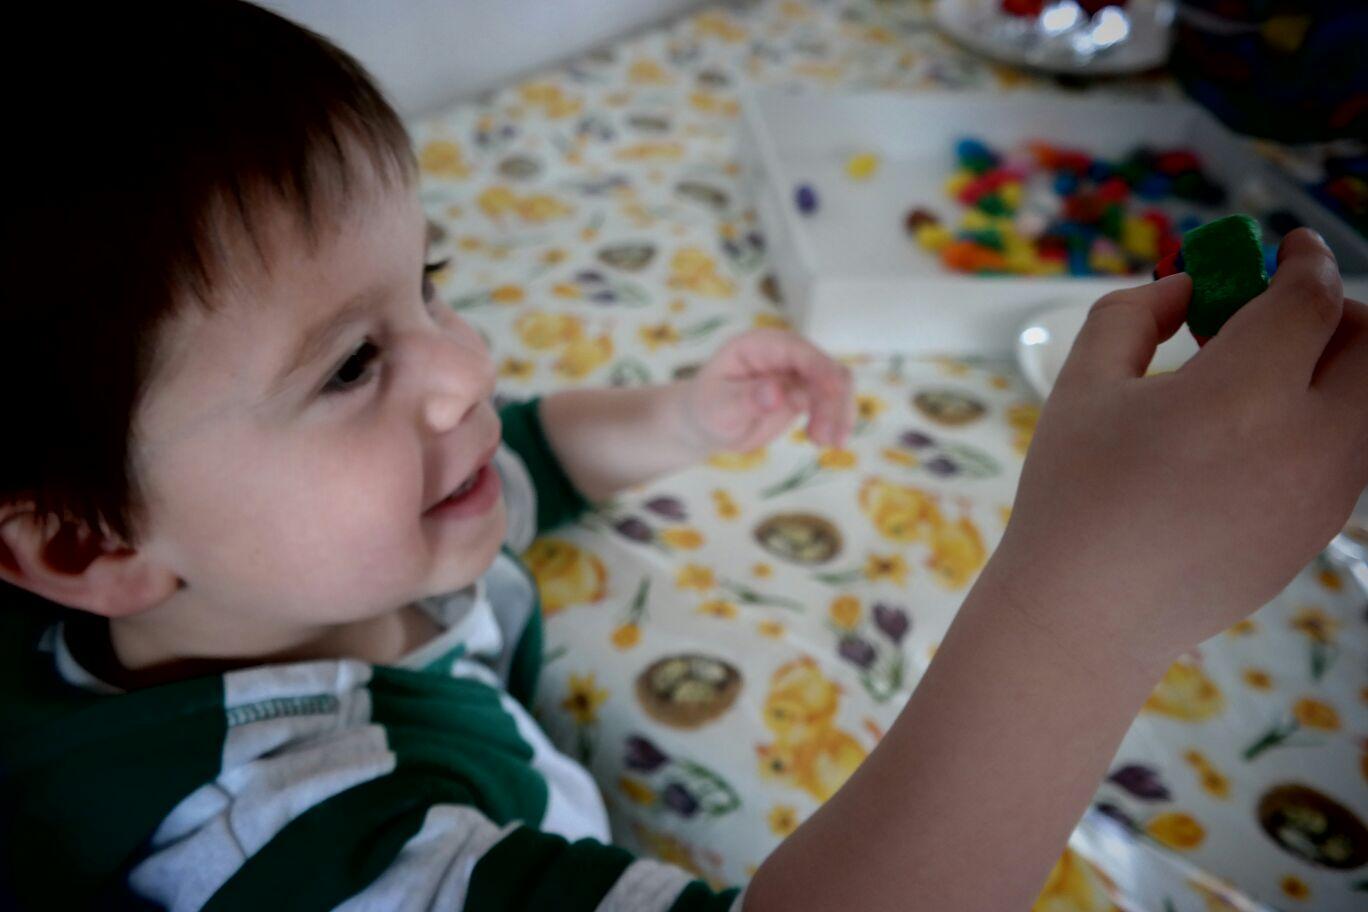 4-16-fischer-tip-leuk-knutselen-kleuren-plakken-drie-jaar-vormen-dieren-mensen-auto-draak-voorbeelden-ton-veel-creativ-heutink-water-kinderen-activiteit-peuter-kleuter-10-jaar-groen